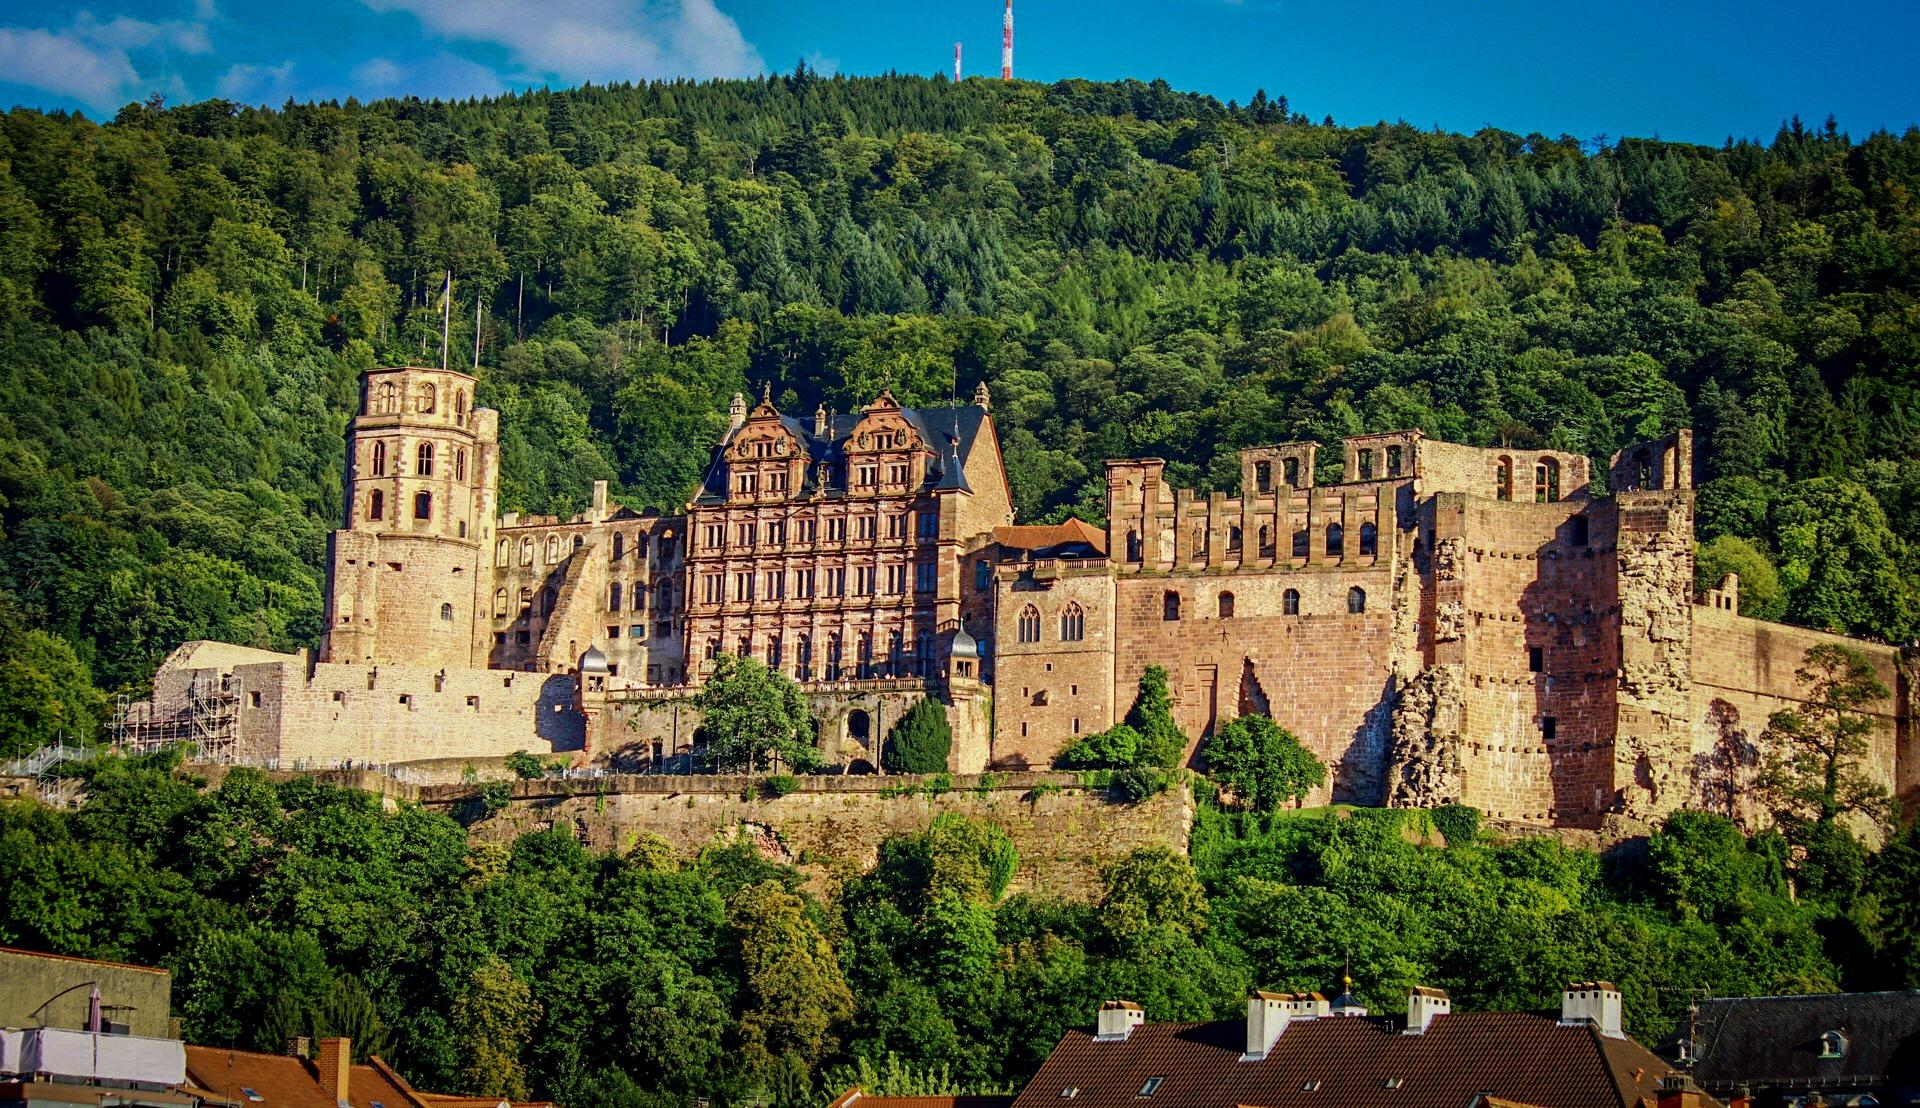 Alte Brücke Heidelberg, Germany